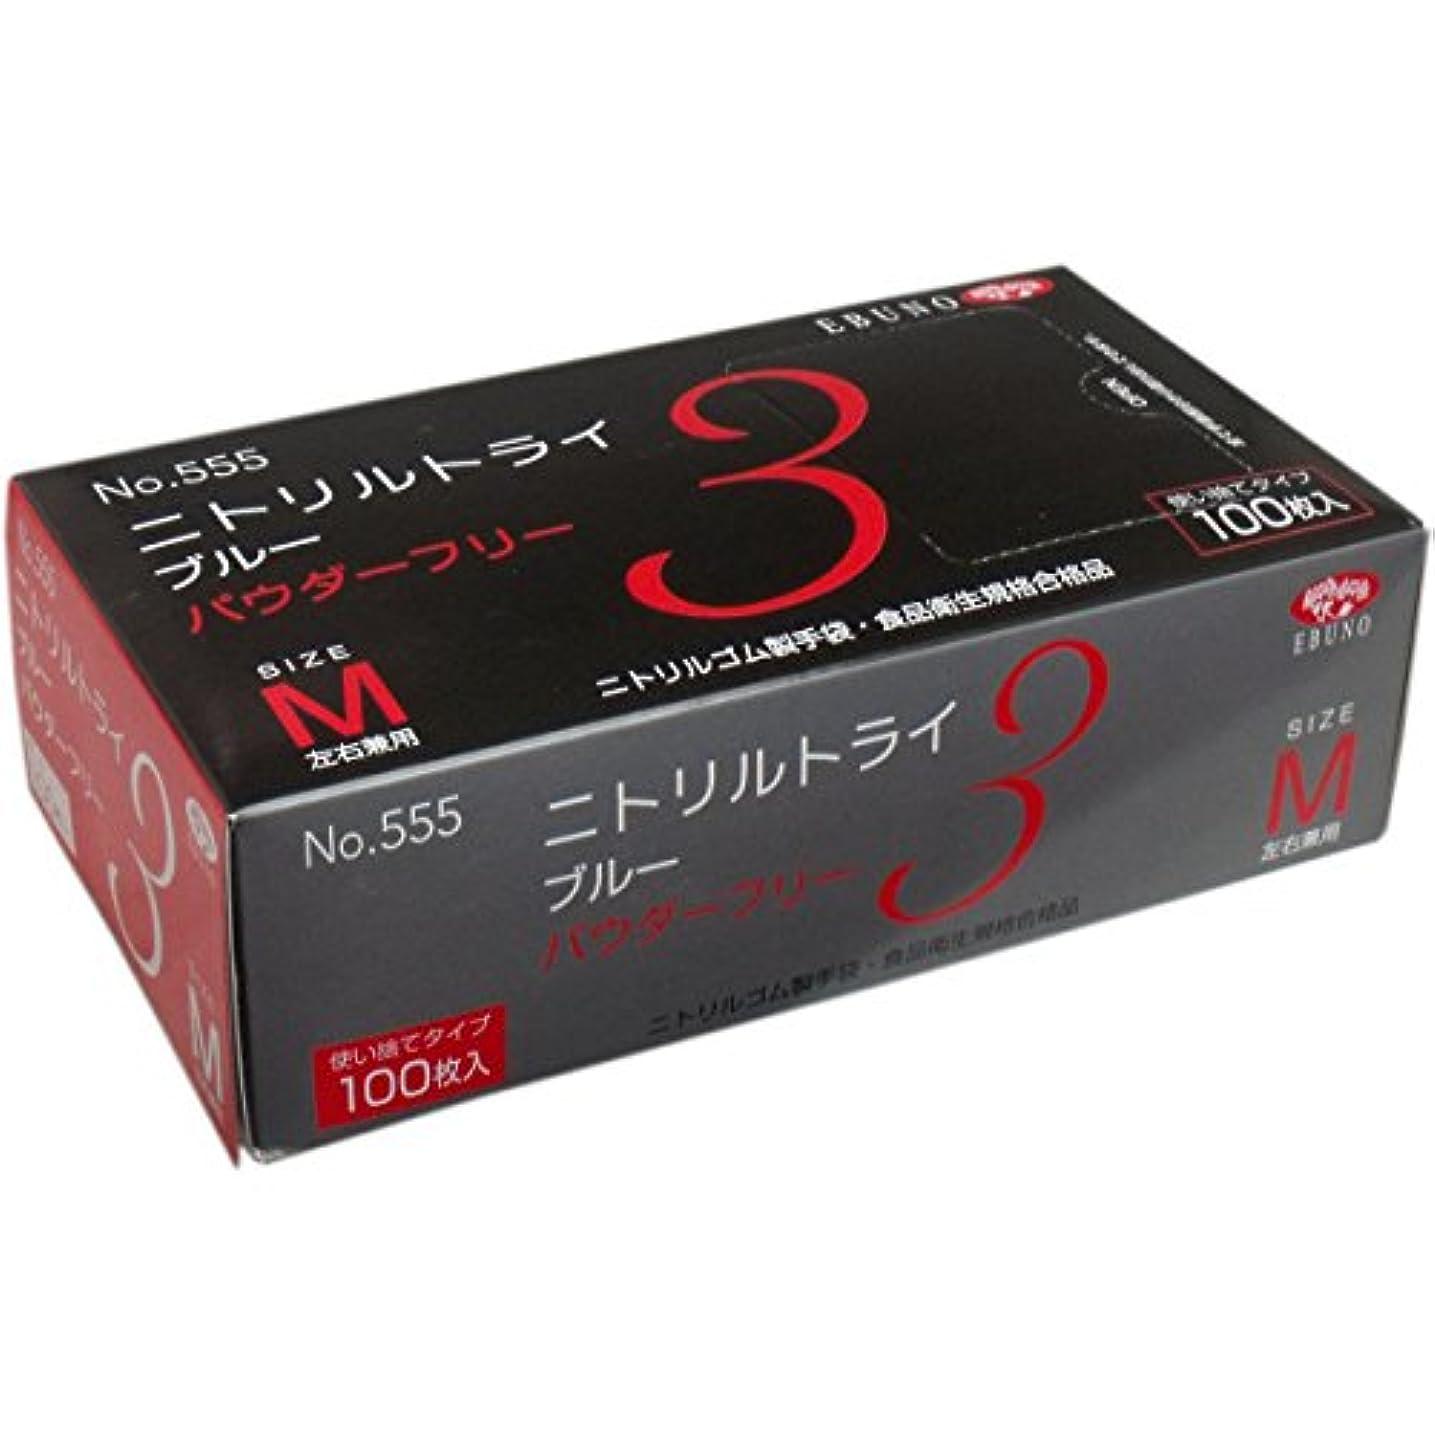 品揃えふりをする読みやすさニトリルトライ3 手袋 ブルー パウダーフリー Mサイズ 100枚入(単品)